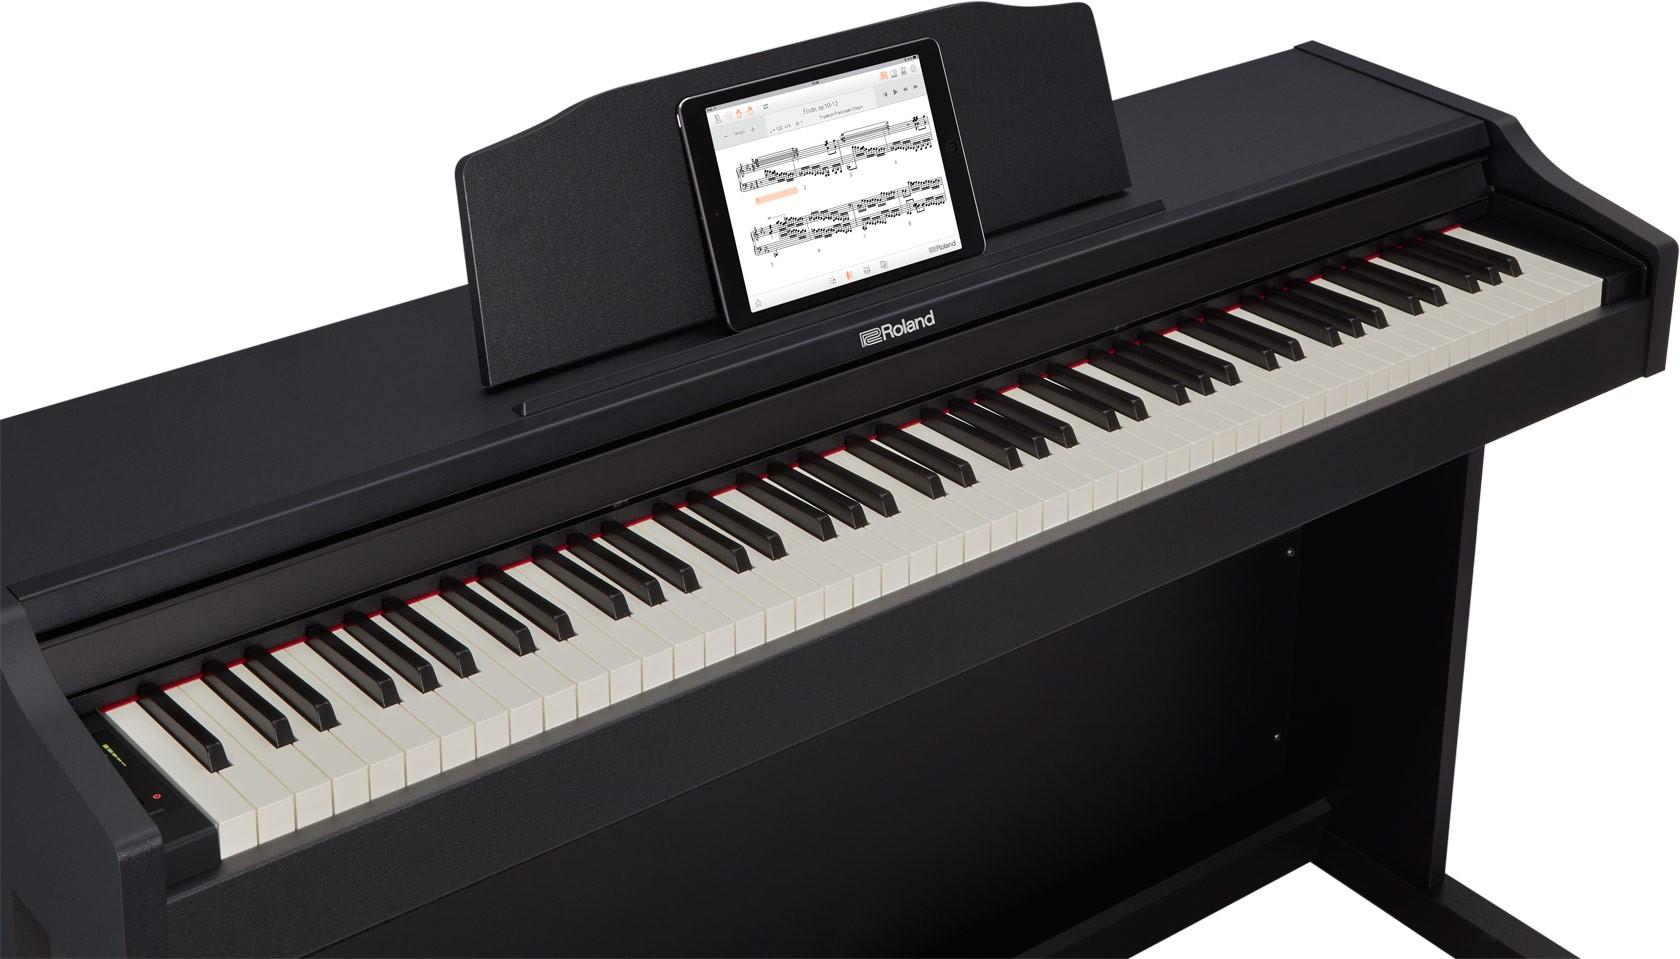 معرفی برترین پیانوهای دیجیتال مناسب برای شروع یادگیری پیانو